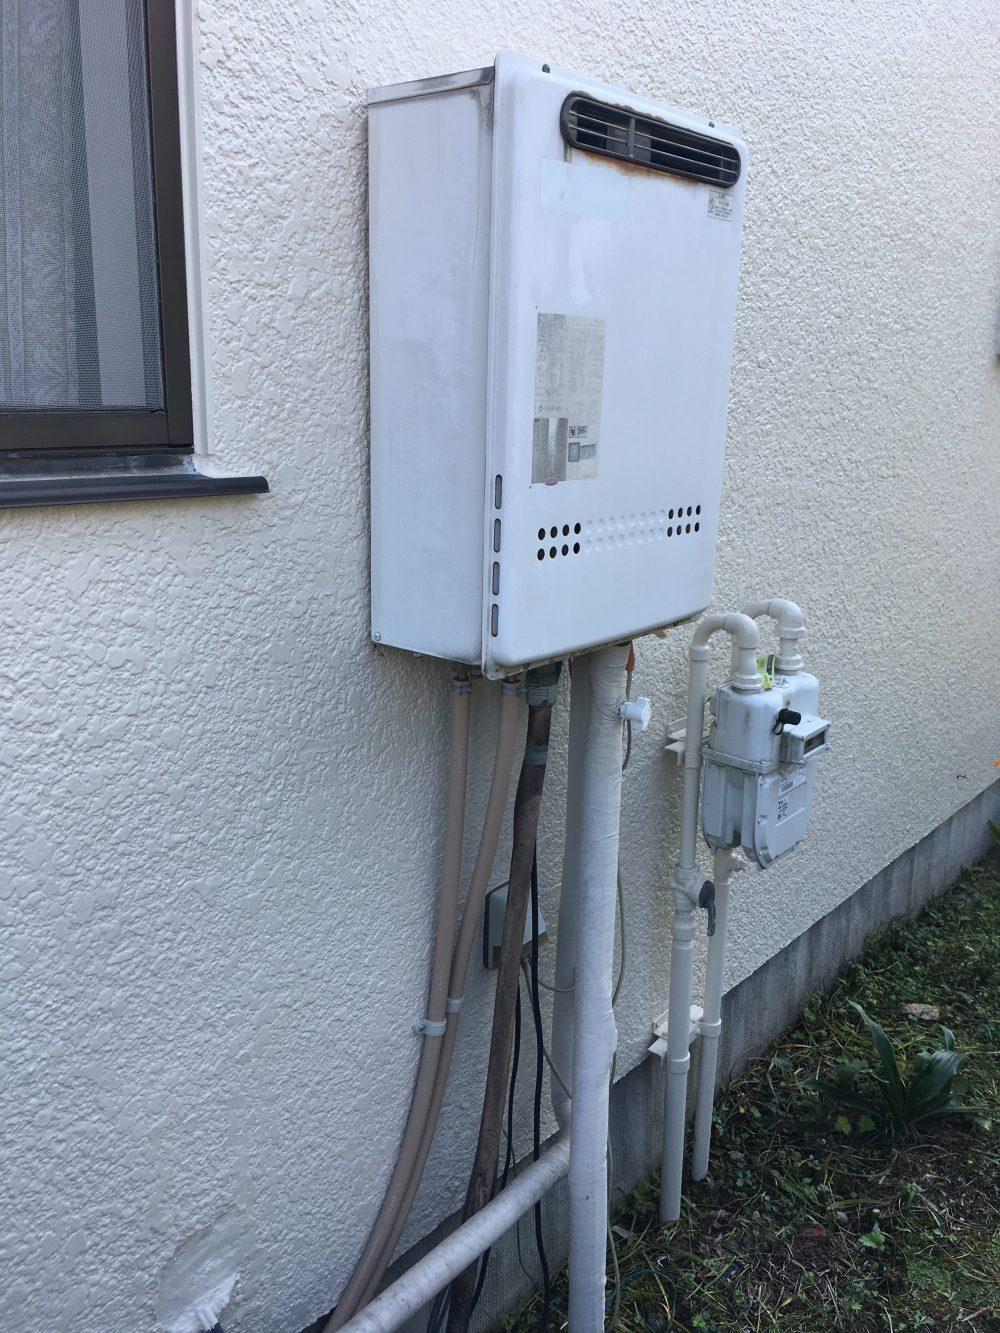 高崎市でガス給湯器交換工事完了!が、外壁の塗装が必要に… – ミヤケンリフォーム